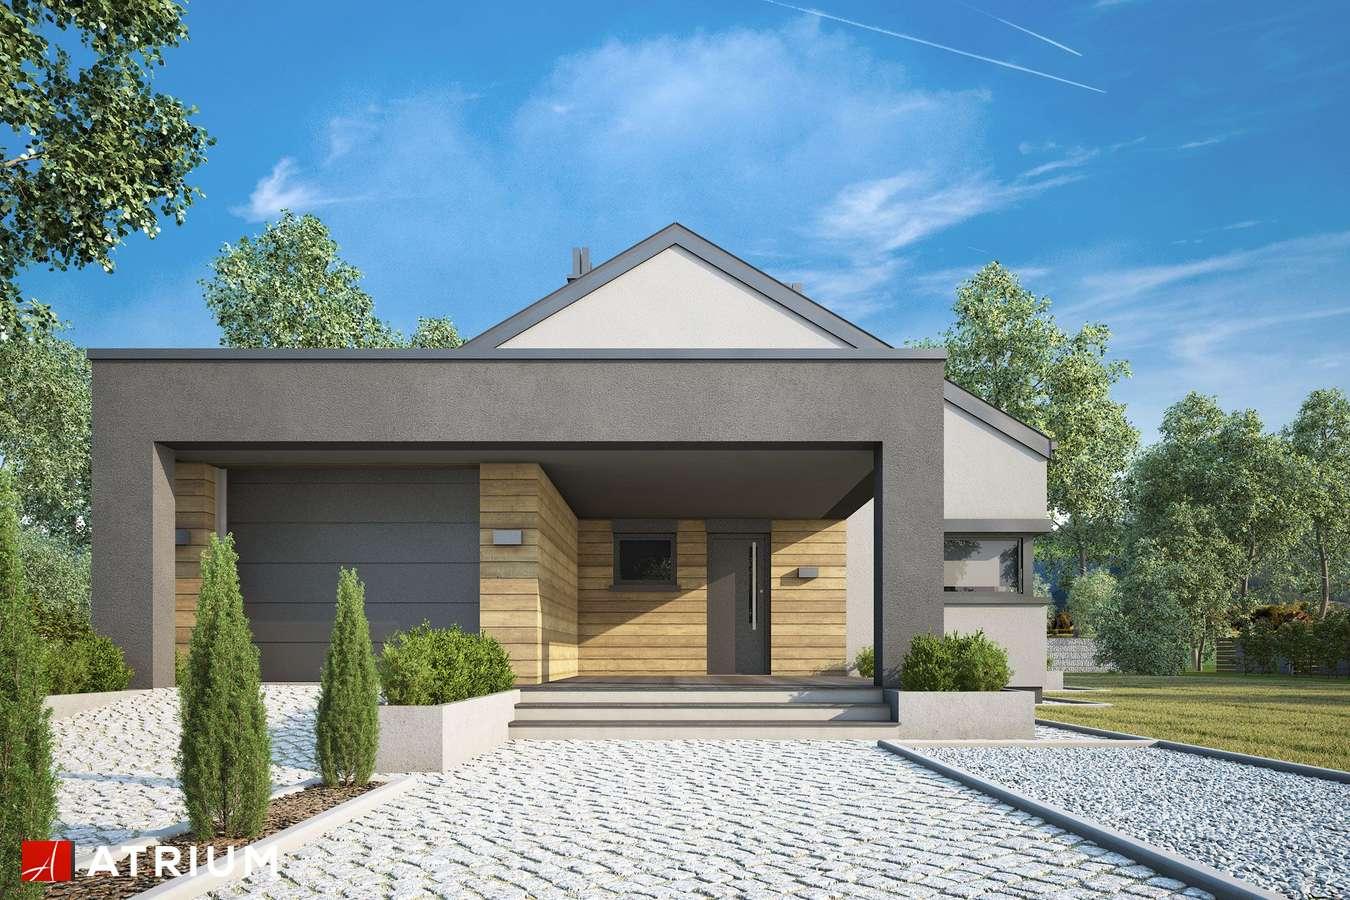 Projekty domów - Projekt domu parterowego SARDYNIA XIV - wizualizacja 2 - wersja lustrzana